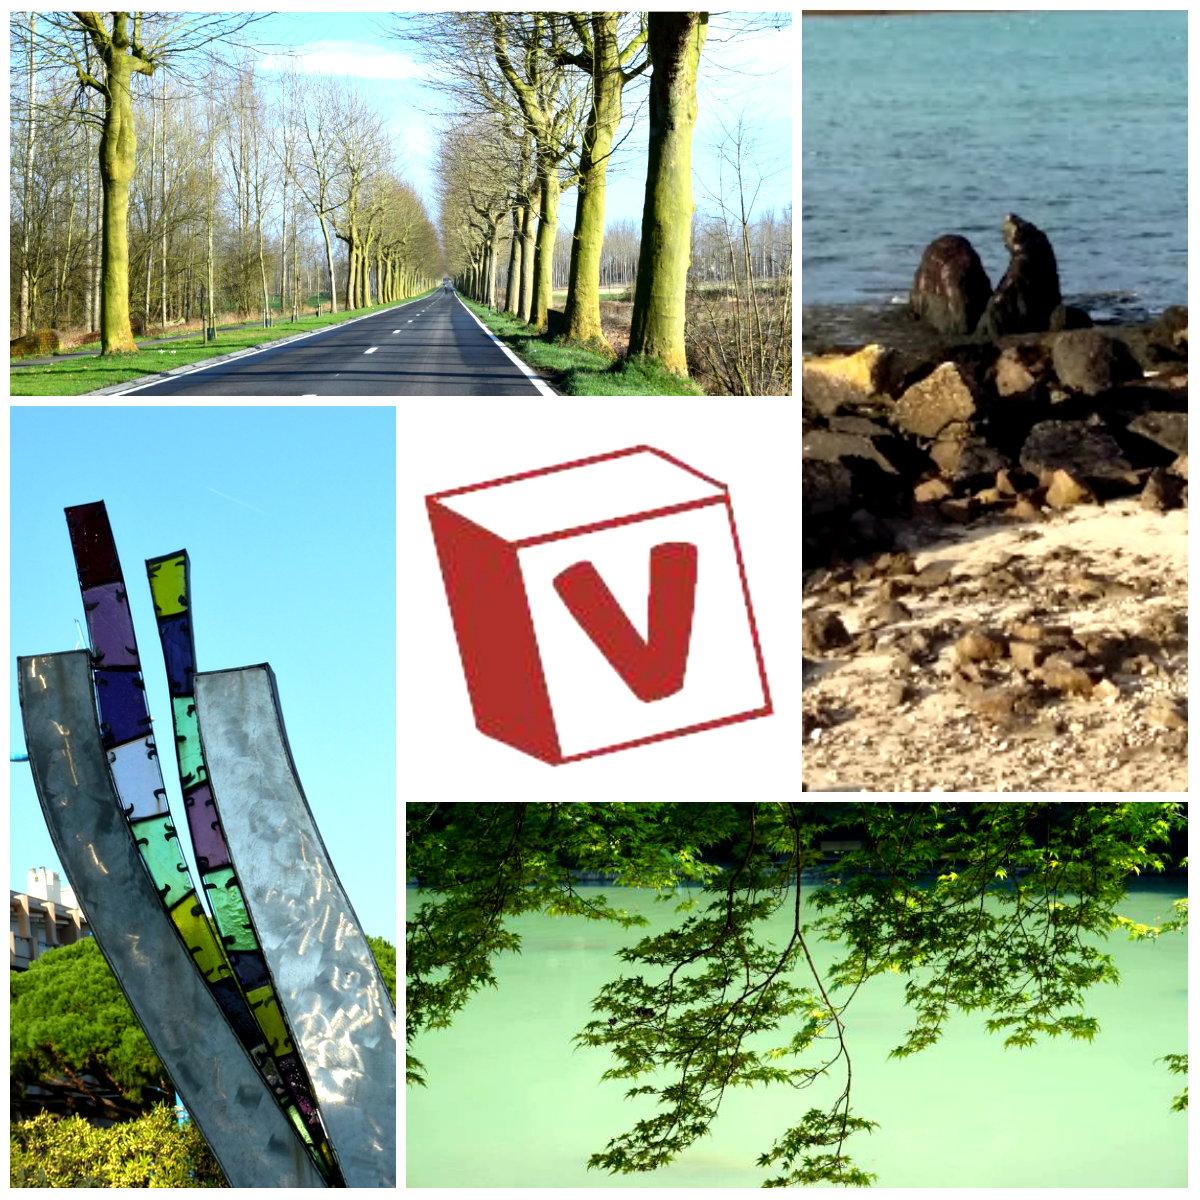 V collage